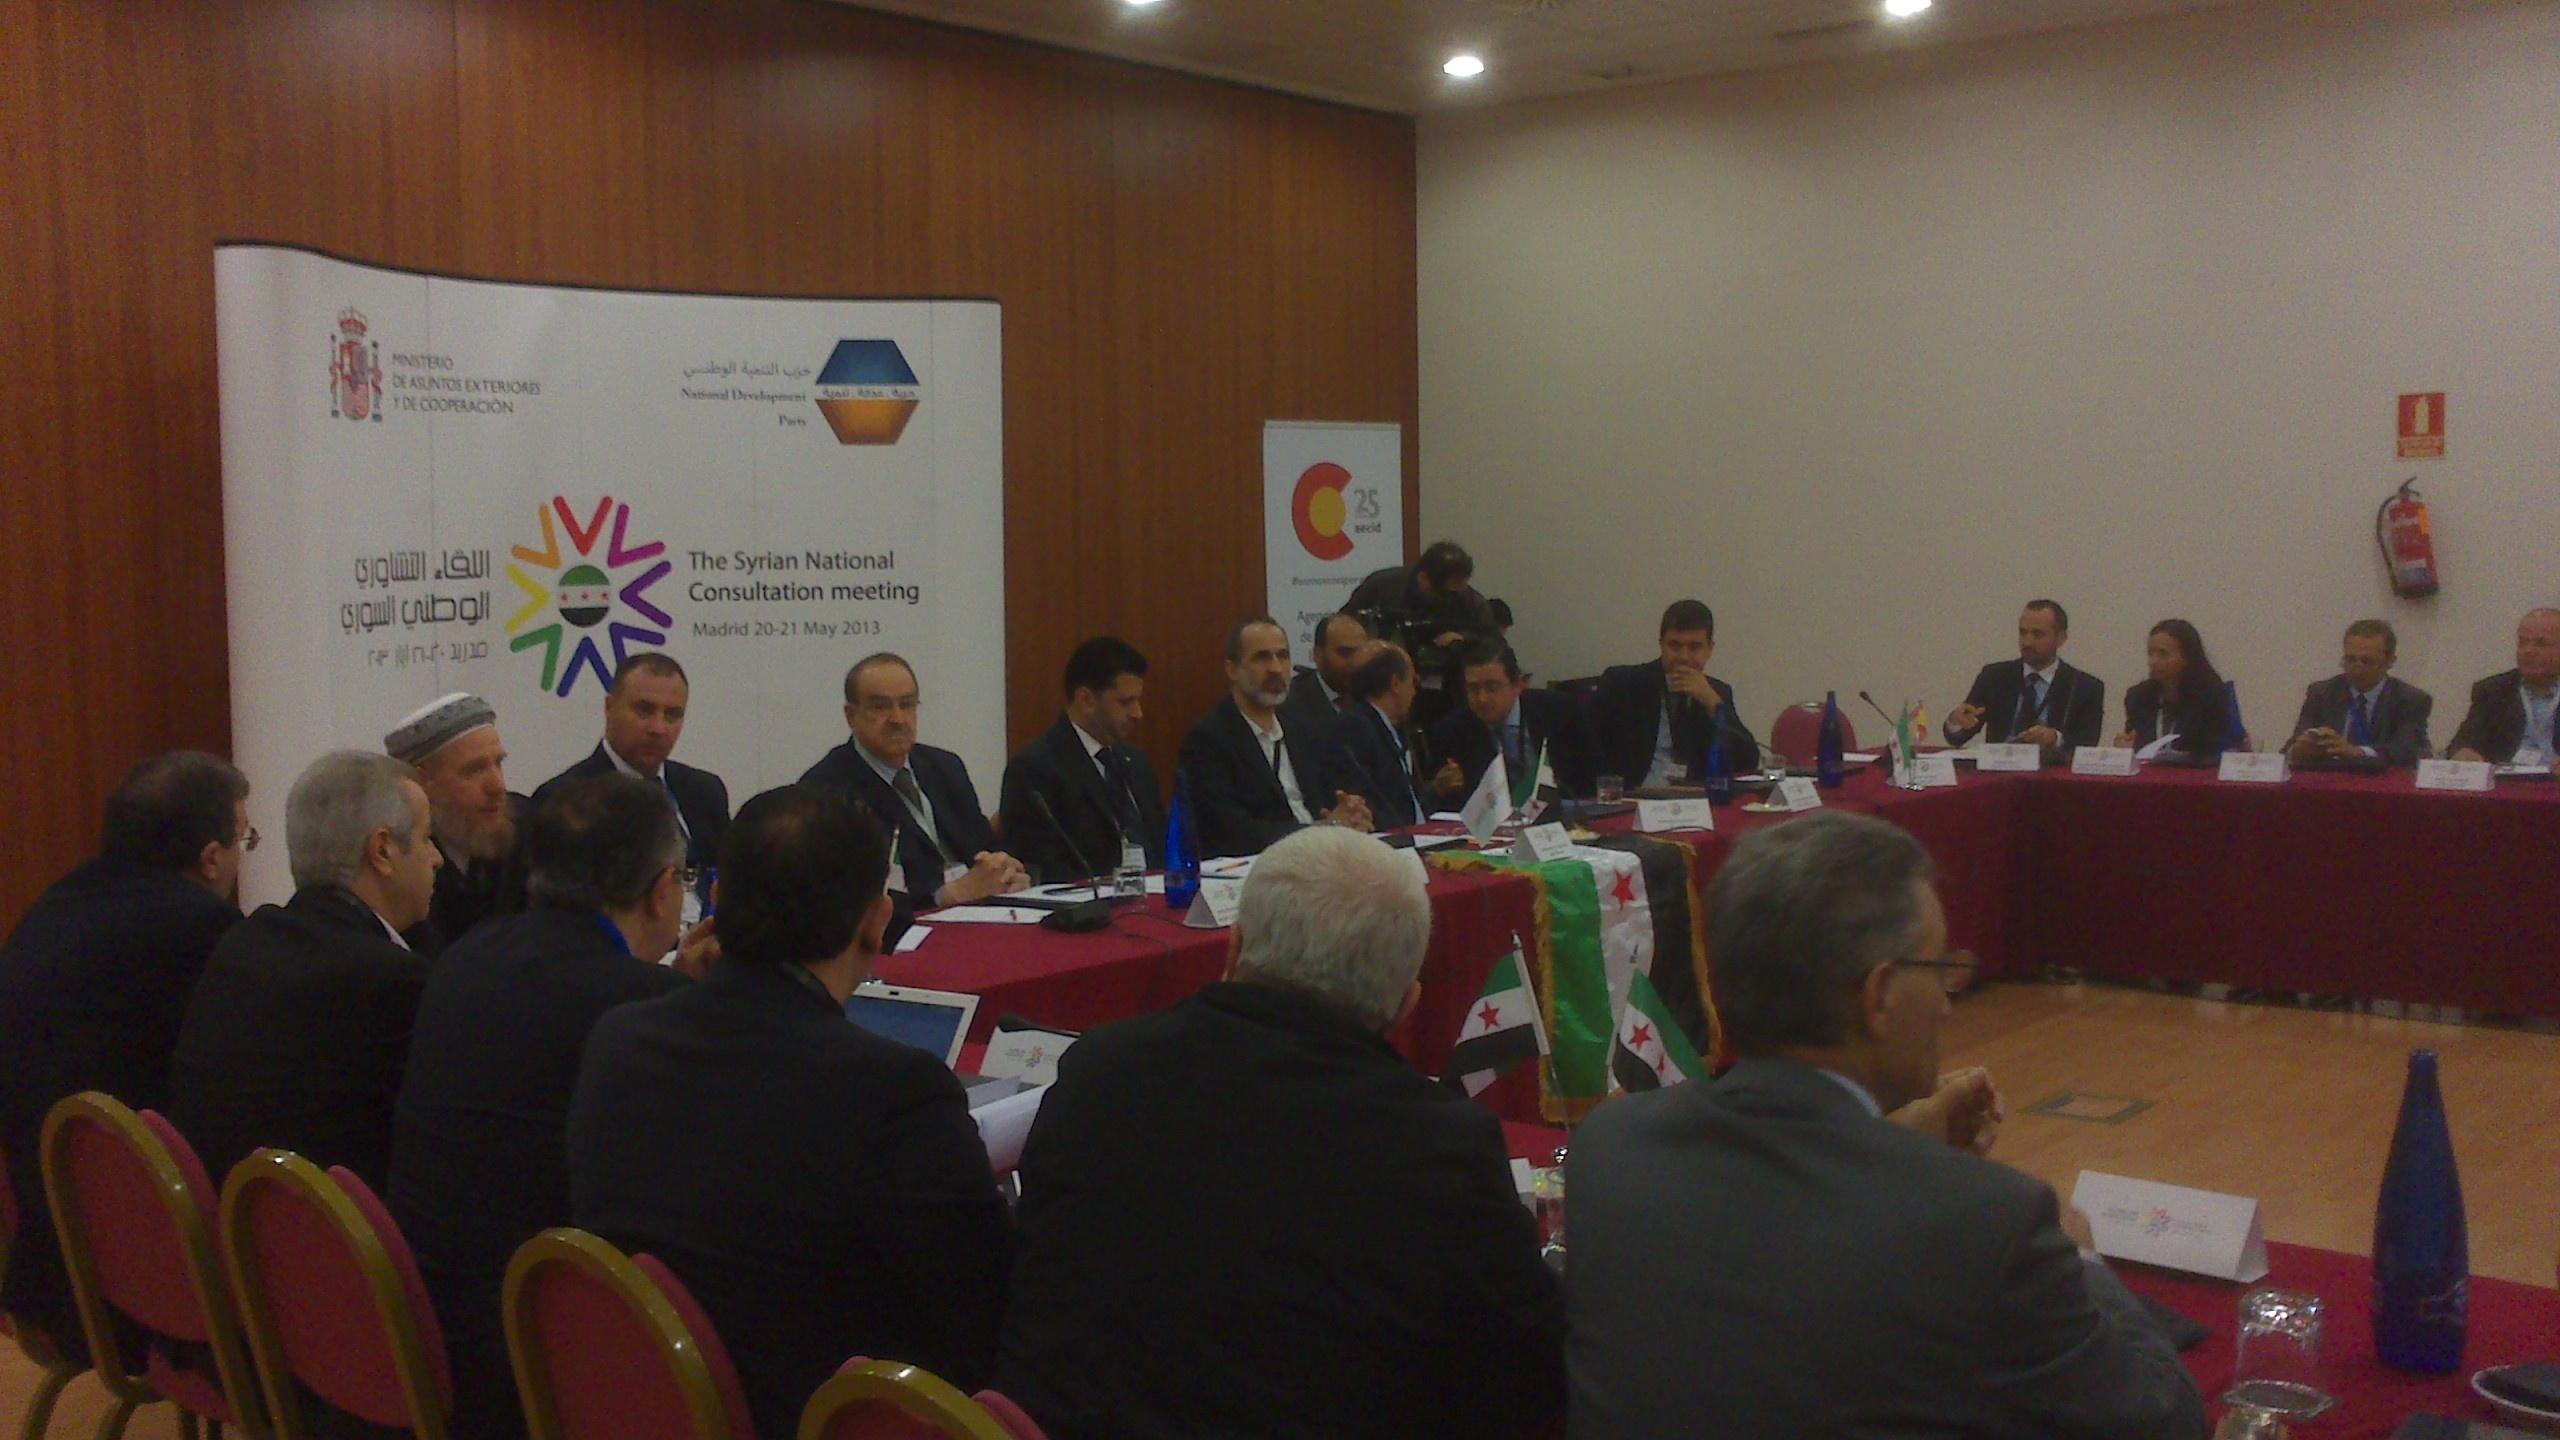 De Benito aboga por favorecer el diálogo en la inauguración de la reunión de la oposición siria en Madrid